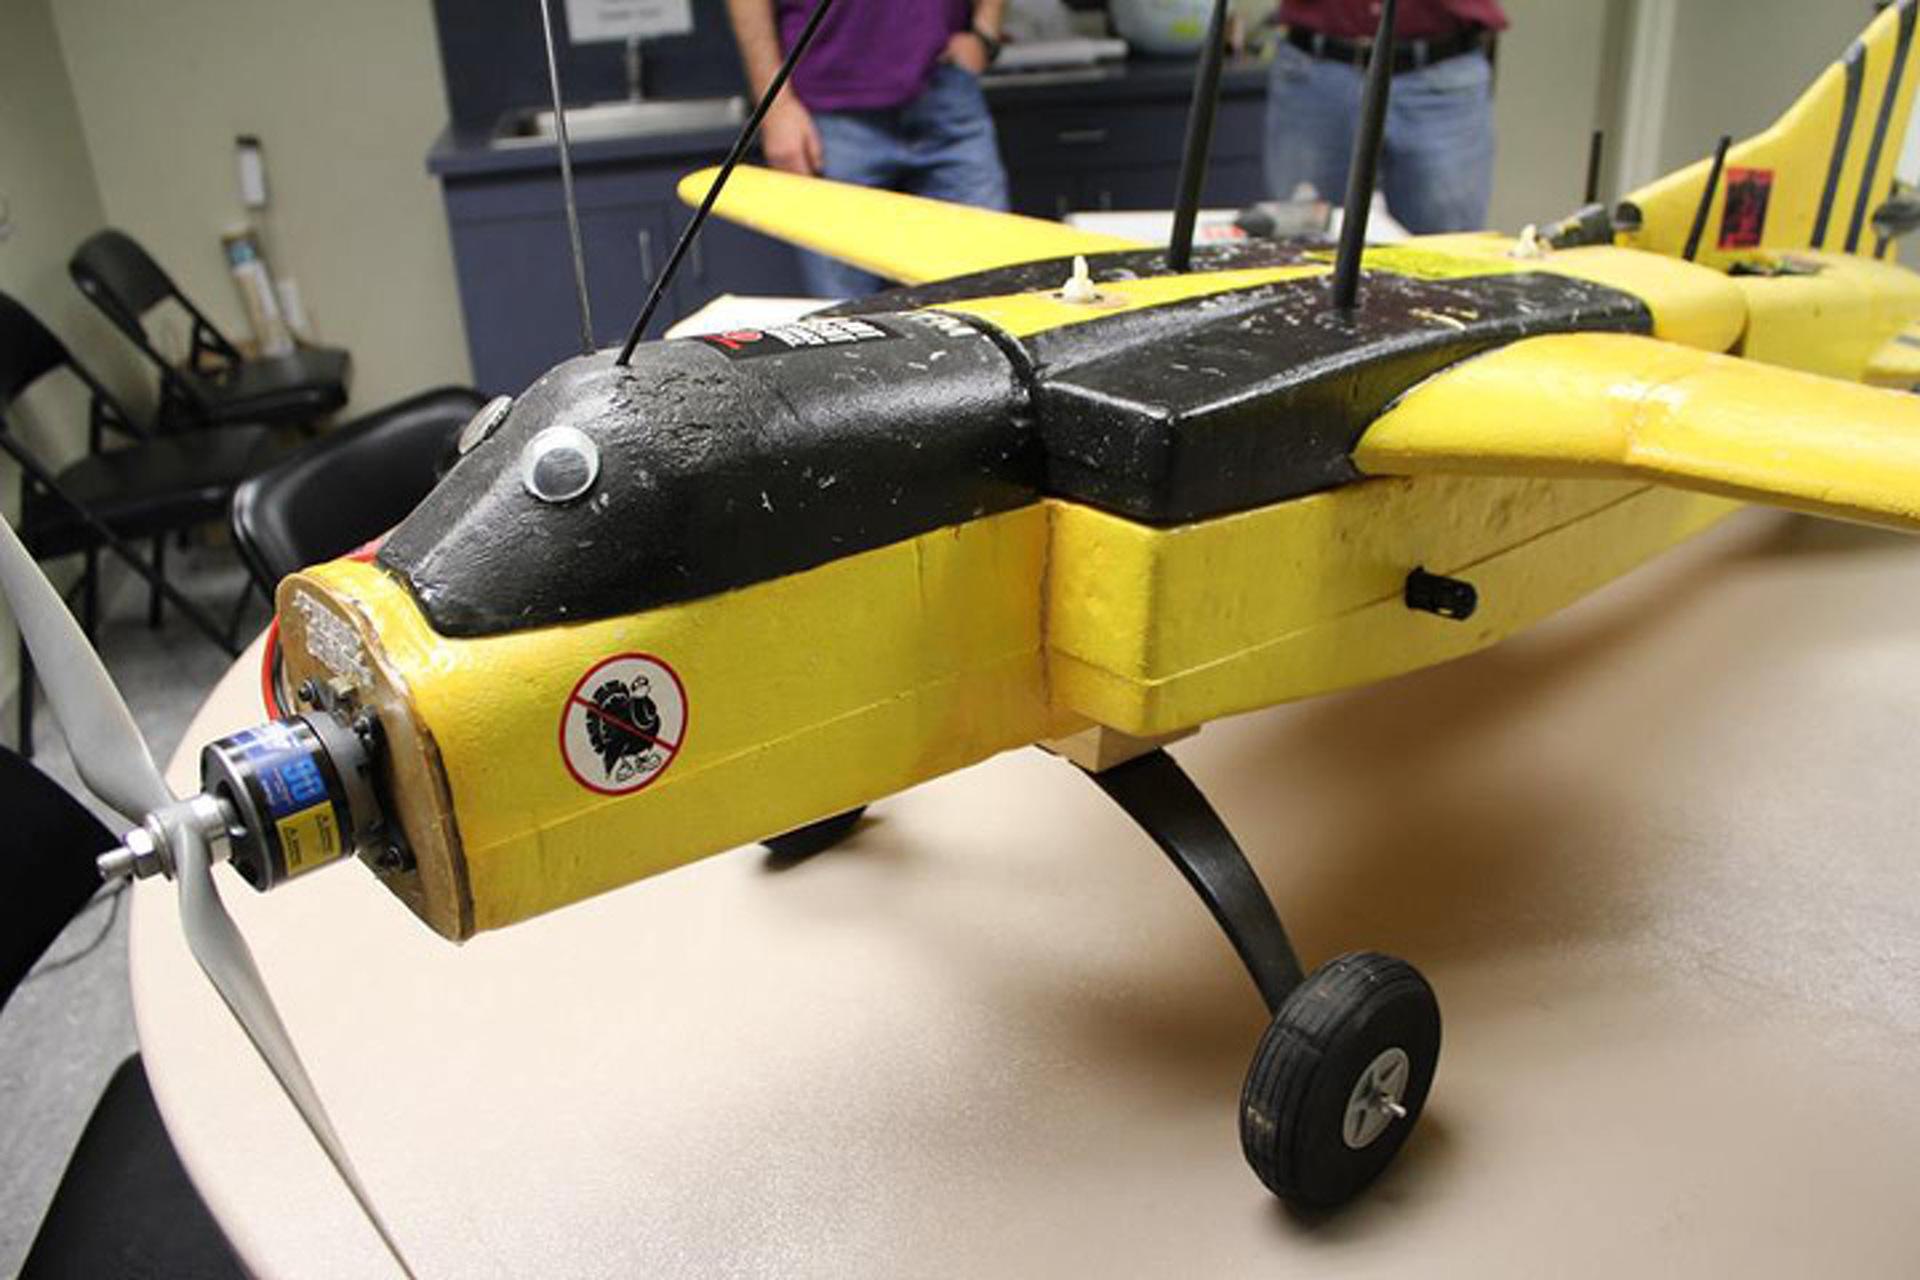 Homebuilt Spy Drone Glides into International Spy Museum